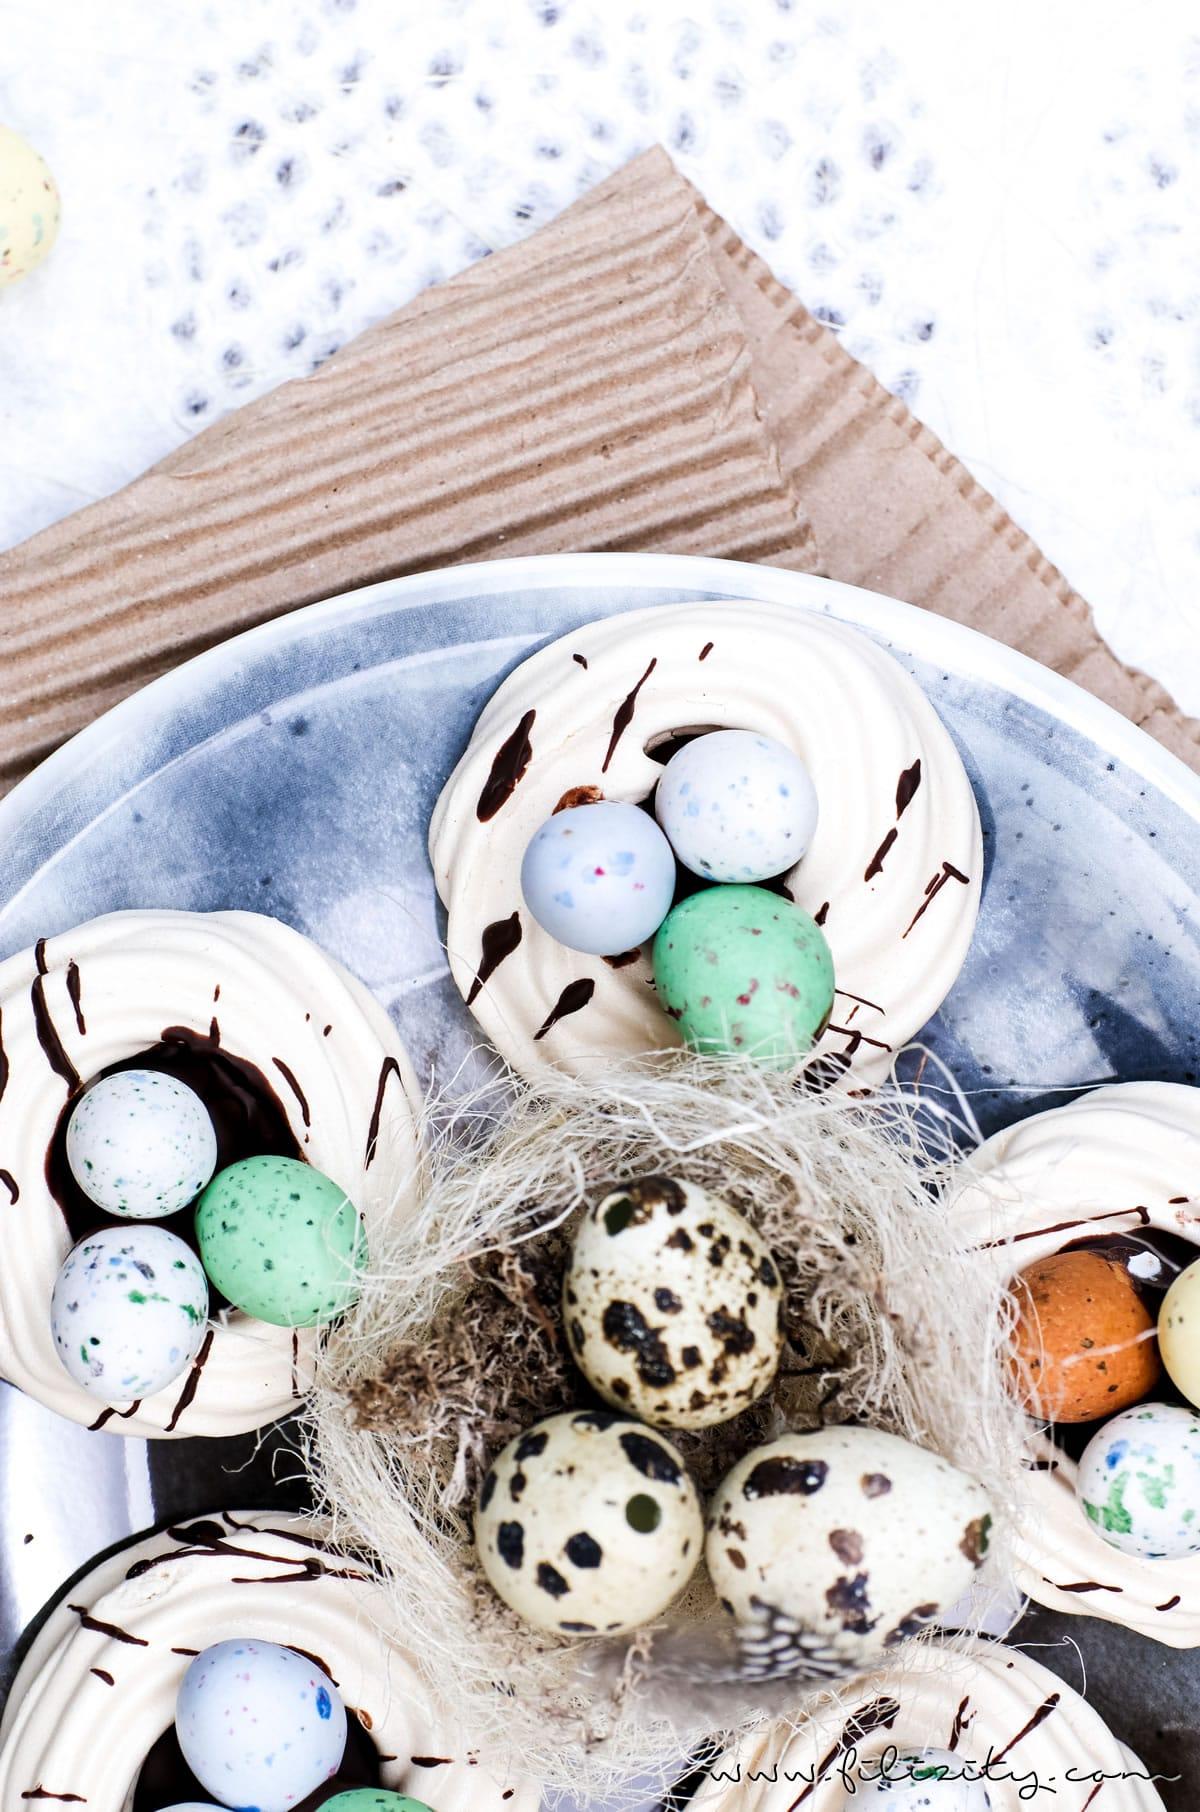 Rezept für Osternester aus Baiser (Meringue) backen | Rezept für himmlische Oster-Leckereien mit Schokolade | Filizity.com | Food-Blog aus dem Rheinland #ostern #osterrezept #baiser #meringue